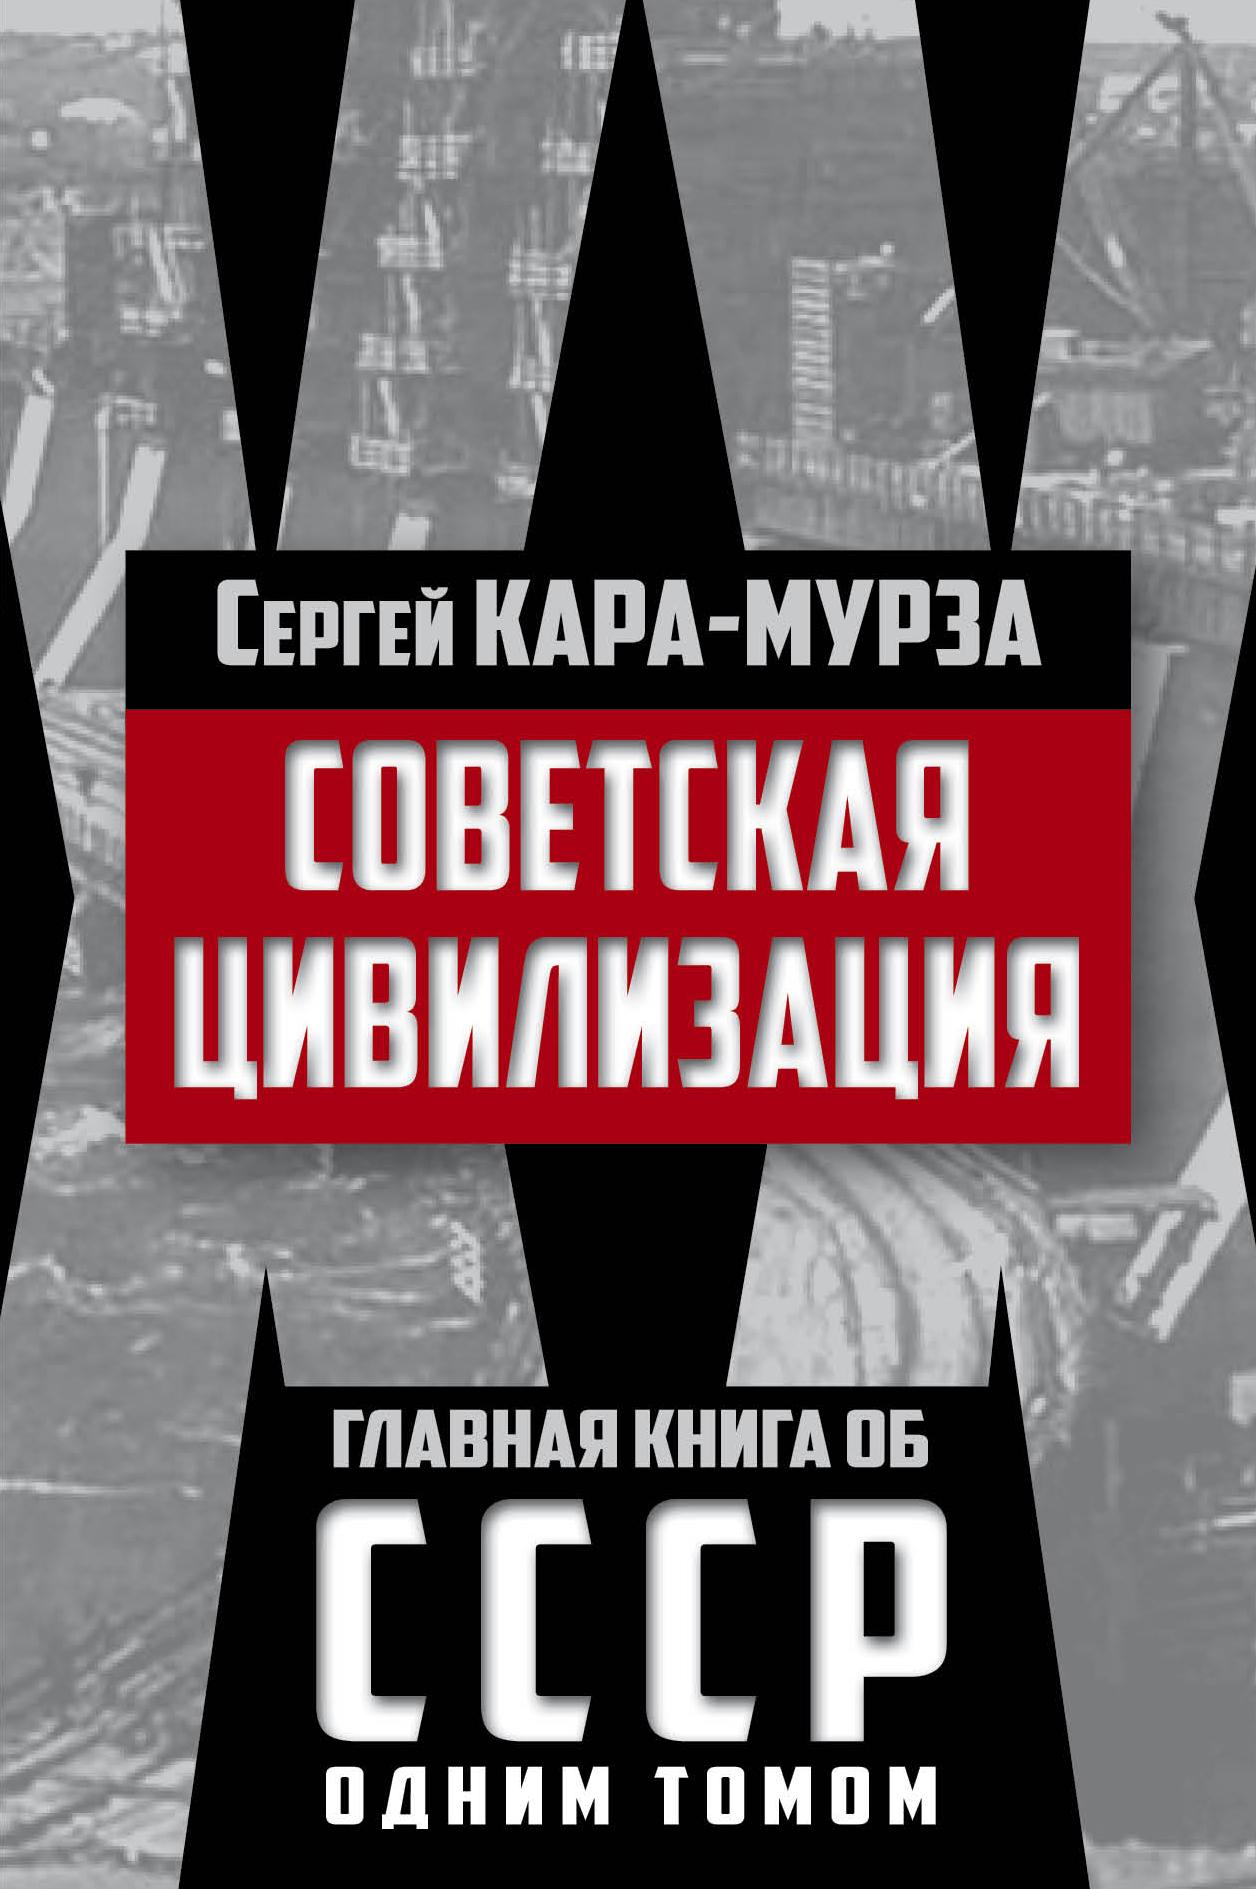 Сергей Кара-Мурза Советская цивилизация ISBN: 978-5-906842-97-8